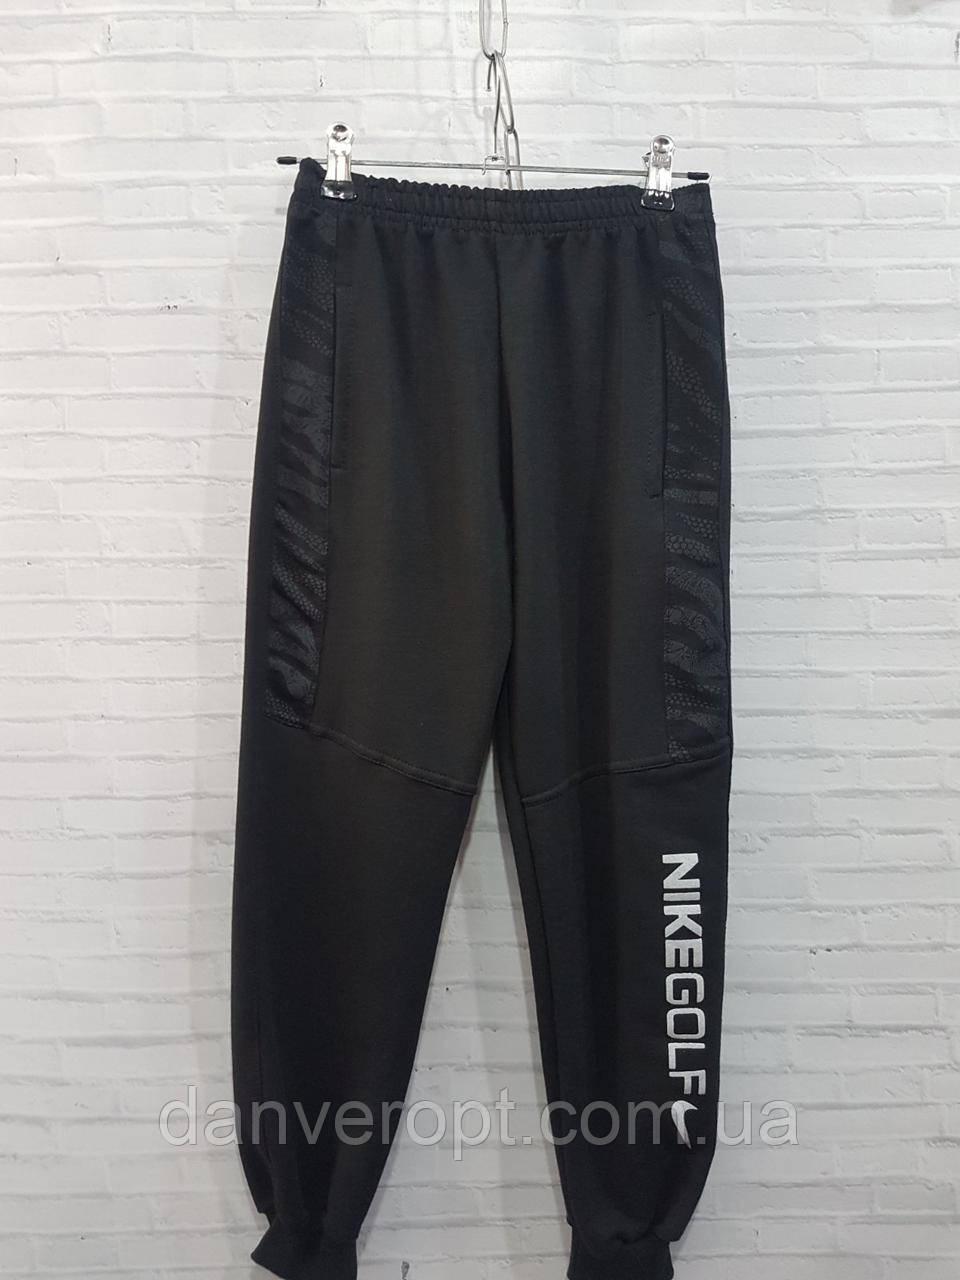 Спортивные штаны подростковые стильные NIKEGOLF на мальчика 9-13 лет, купить оптом со склада 7км Одесса